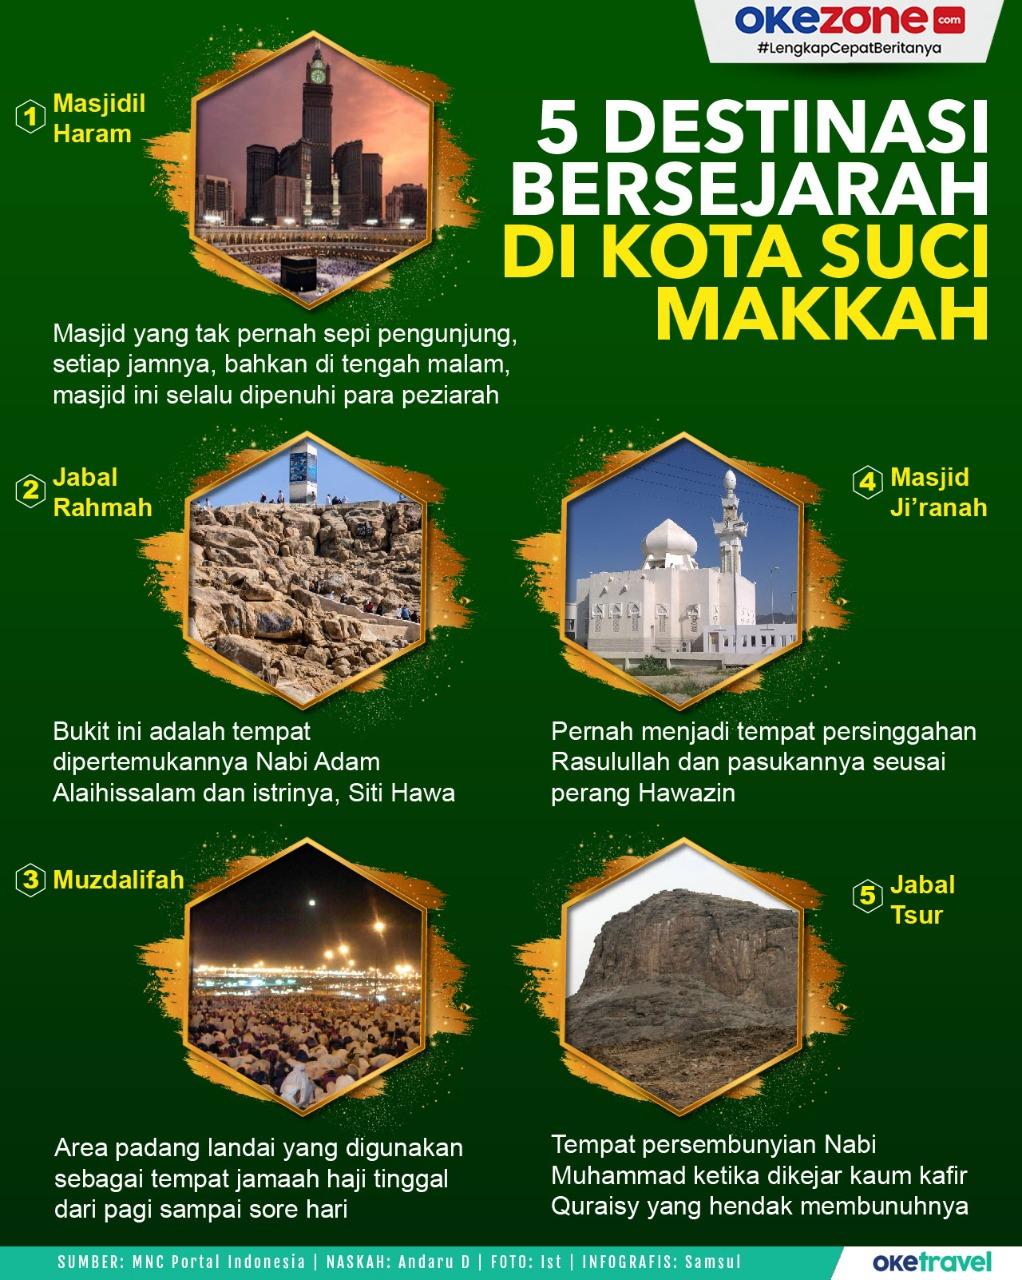 5 Destinasi Bersejarah di Kota Suci Makkah -